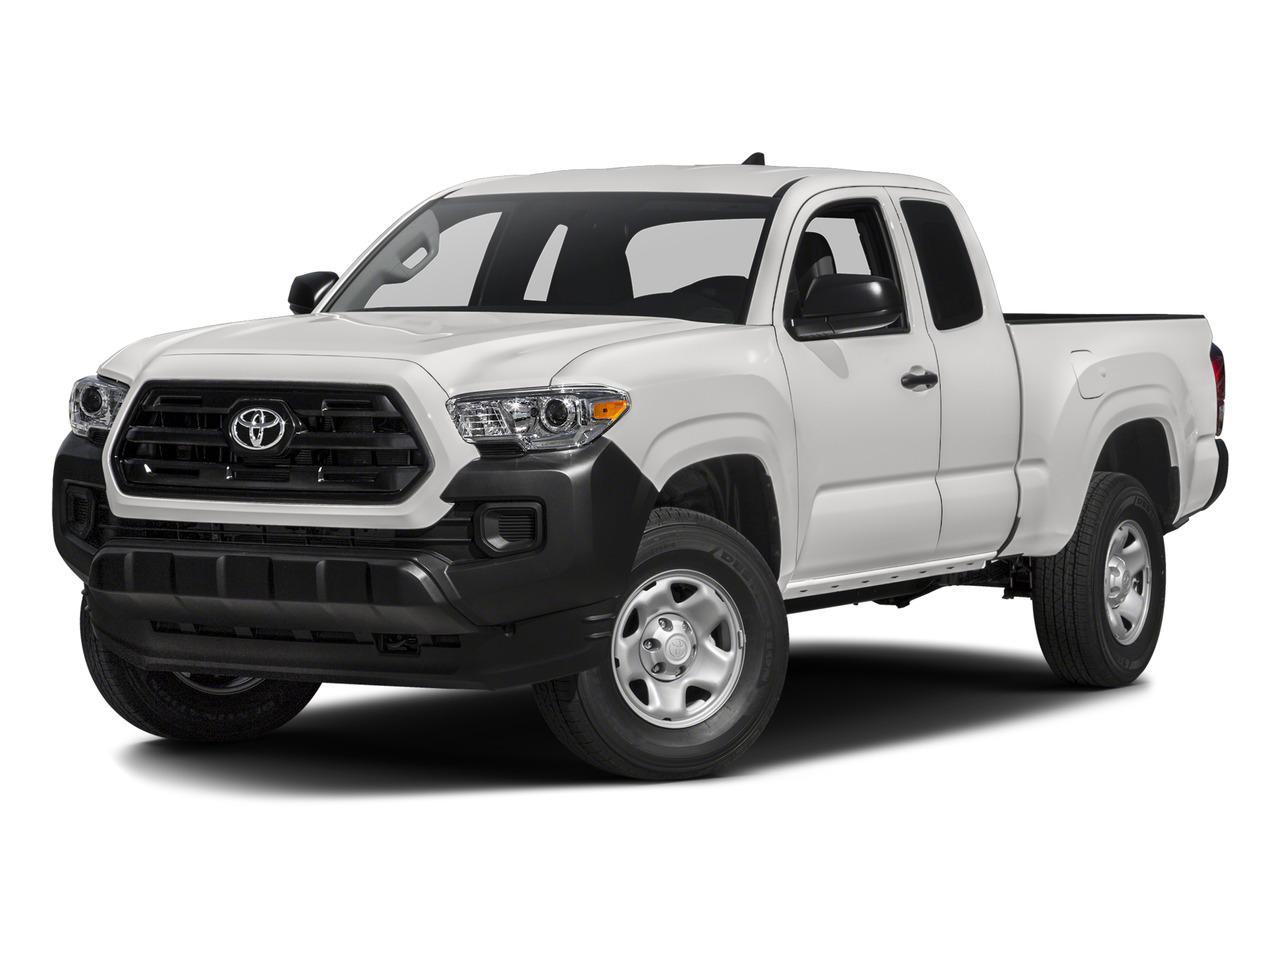 2016 Toyota Tacoma Vehicle Photo in Salem, VA 24153